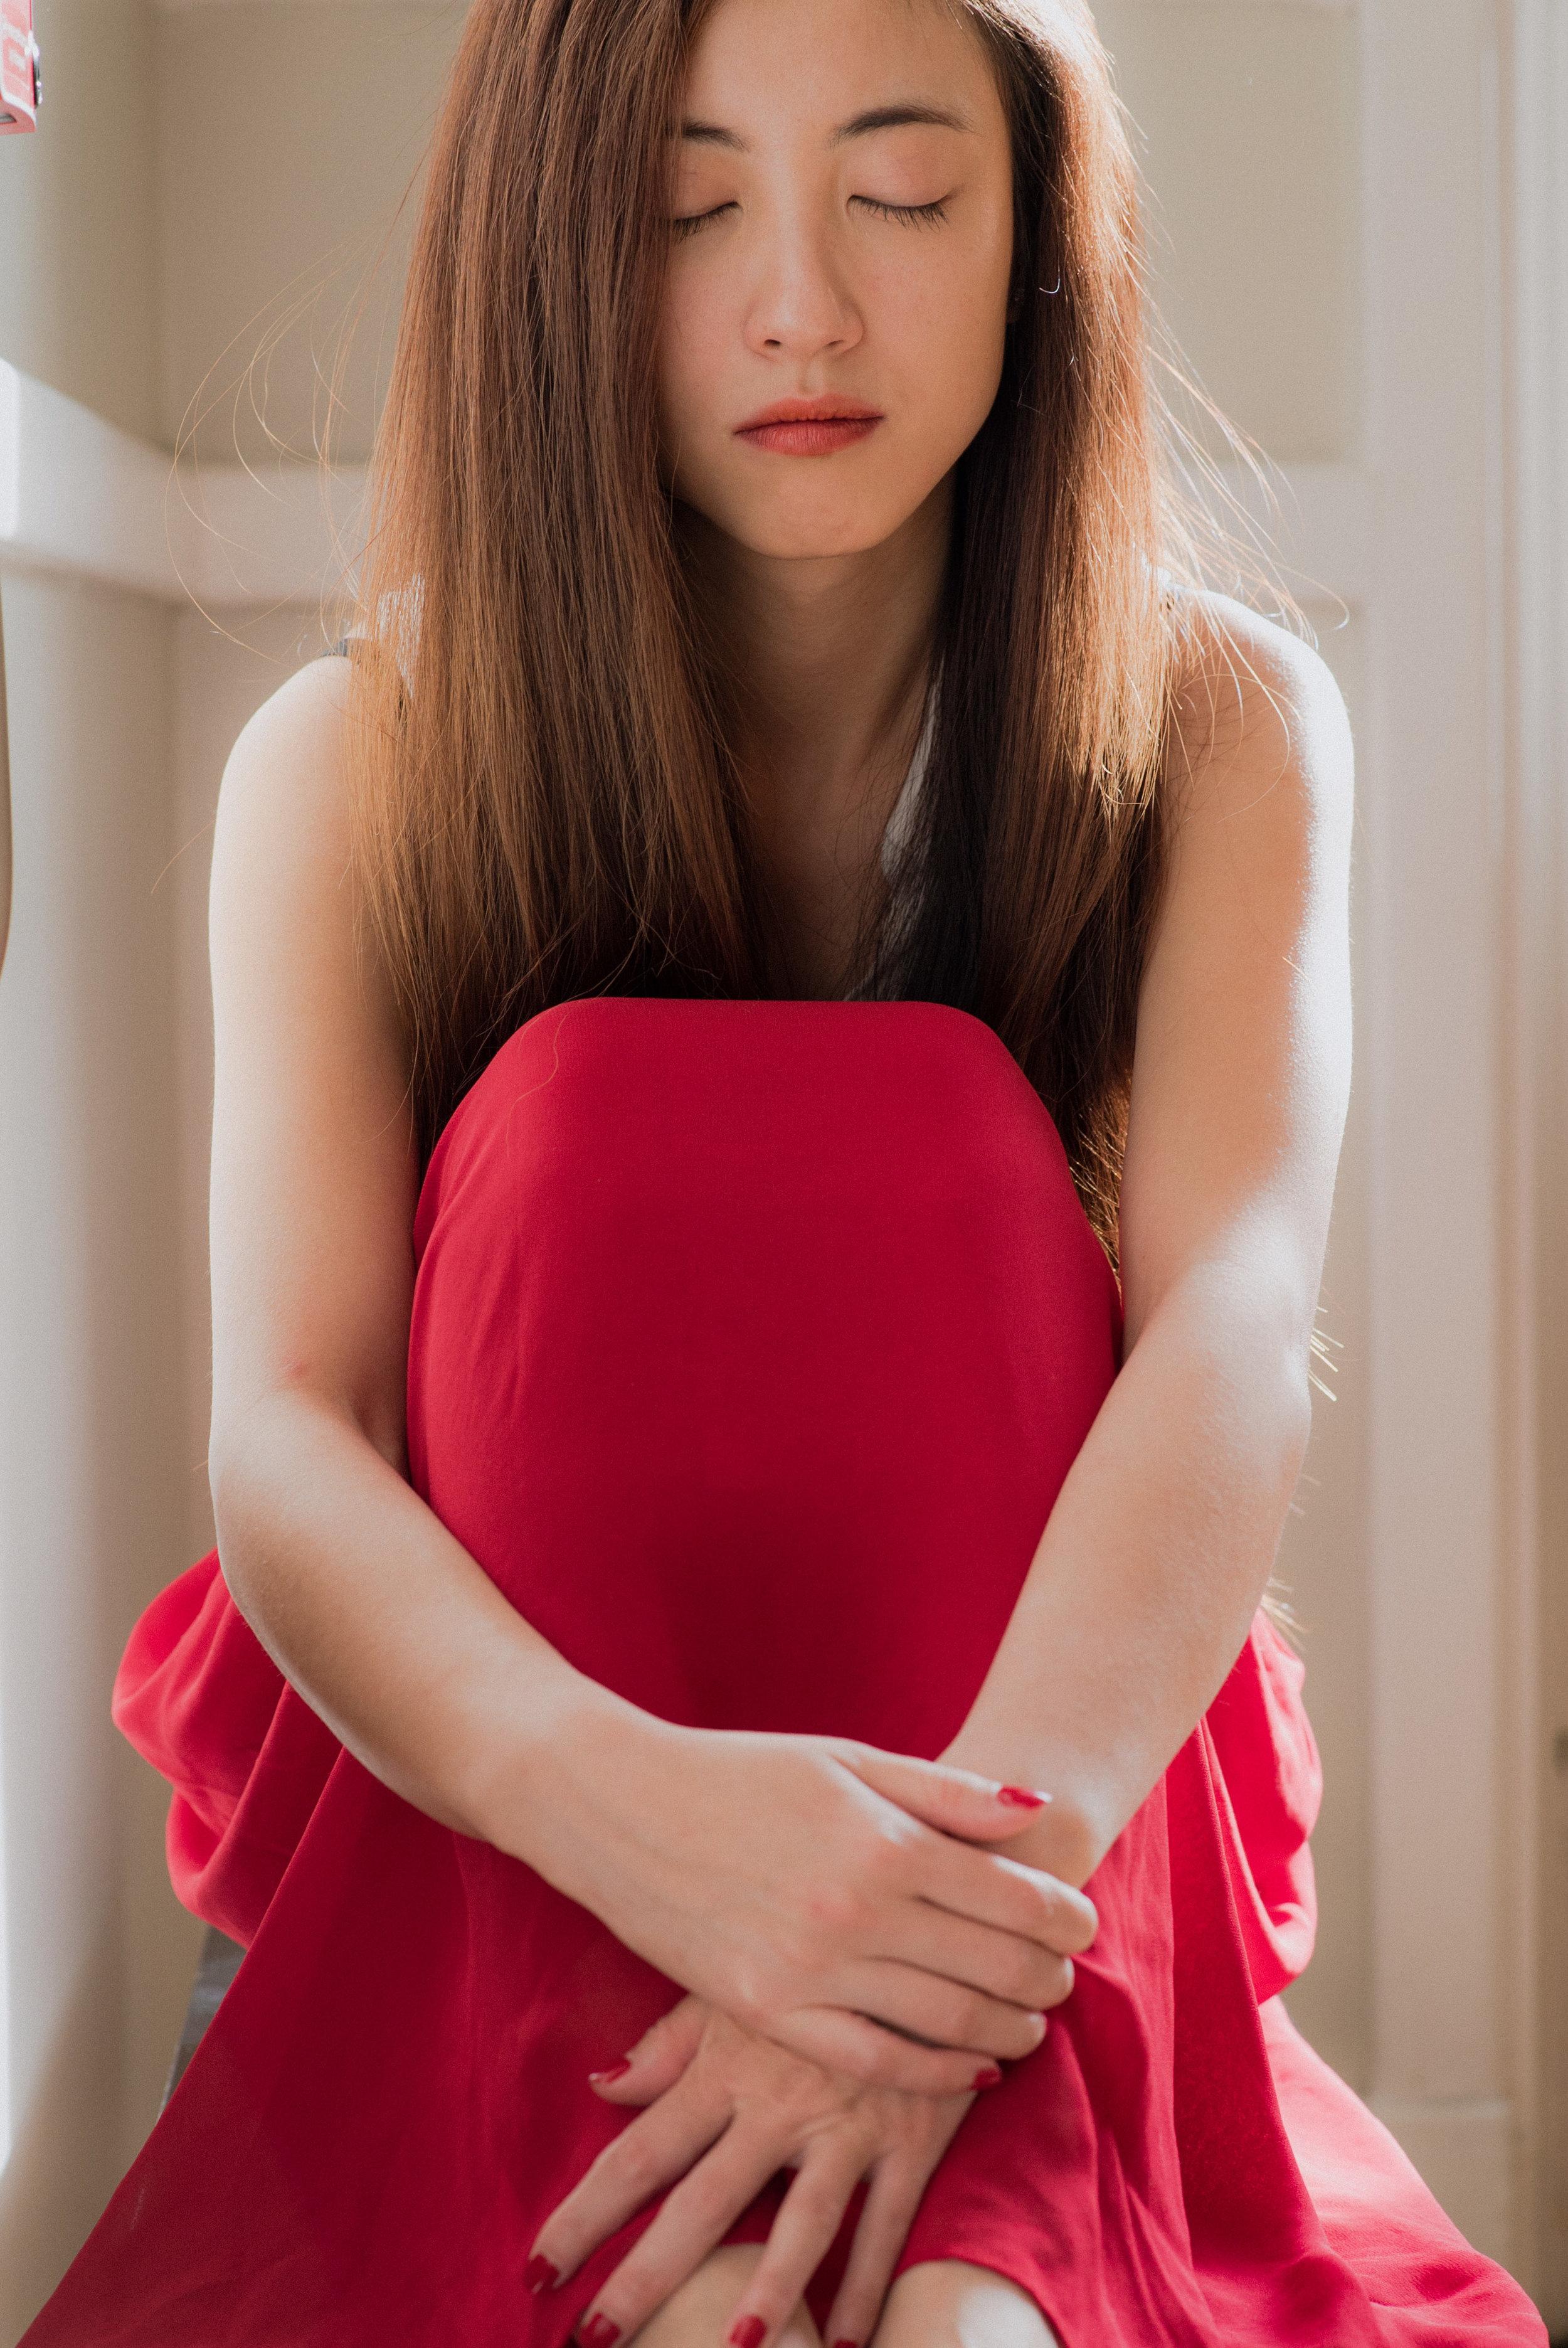 Yao_Wang_04.jpg